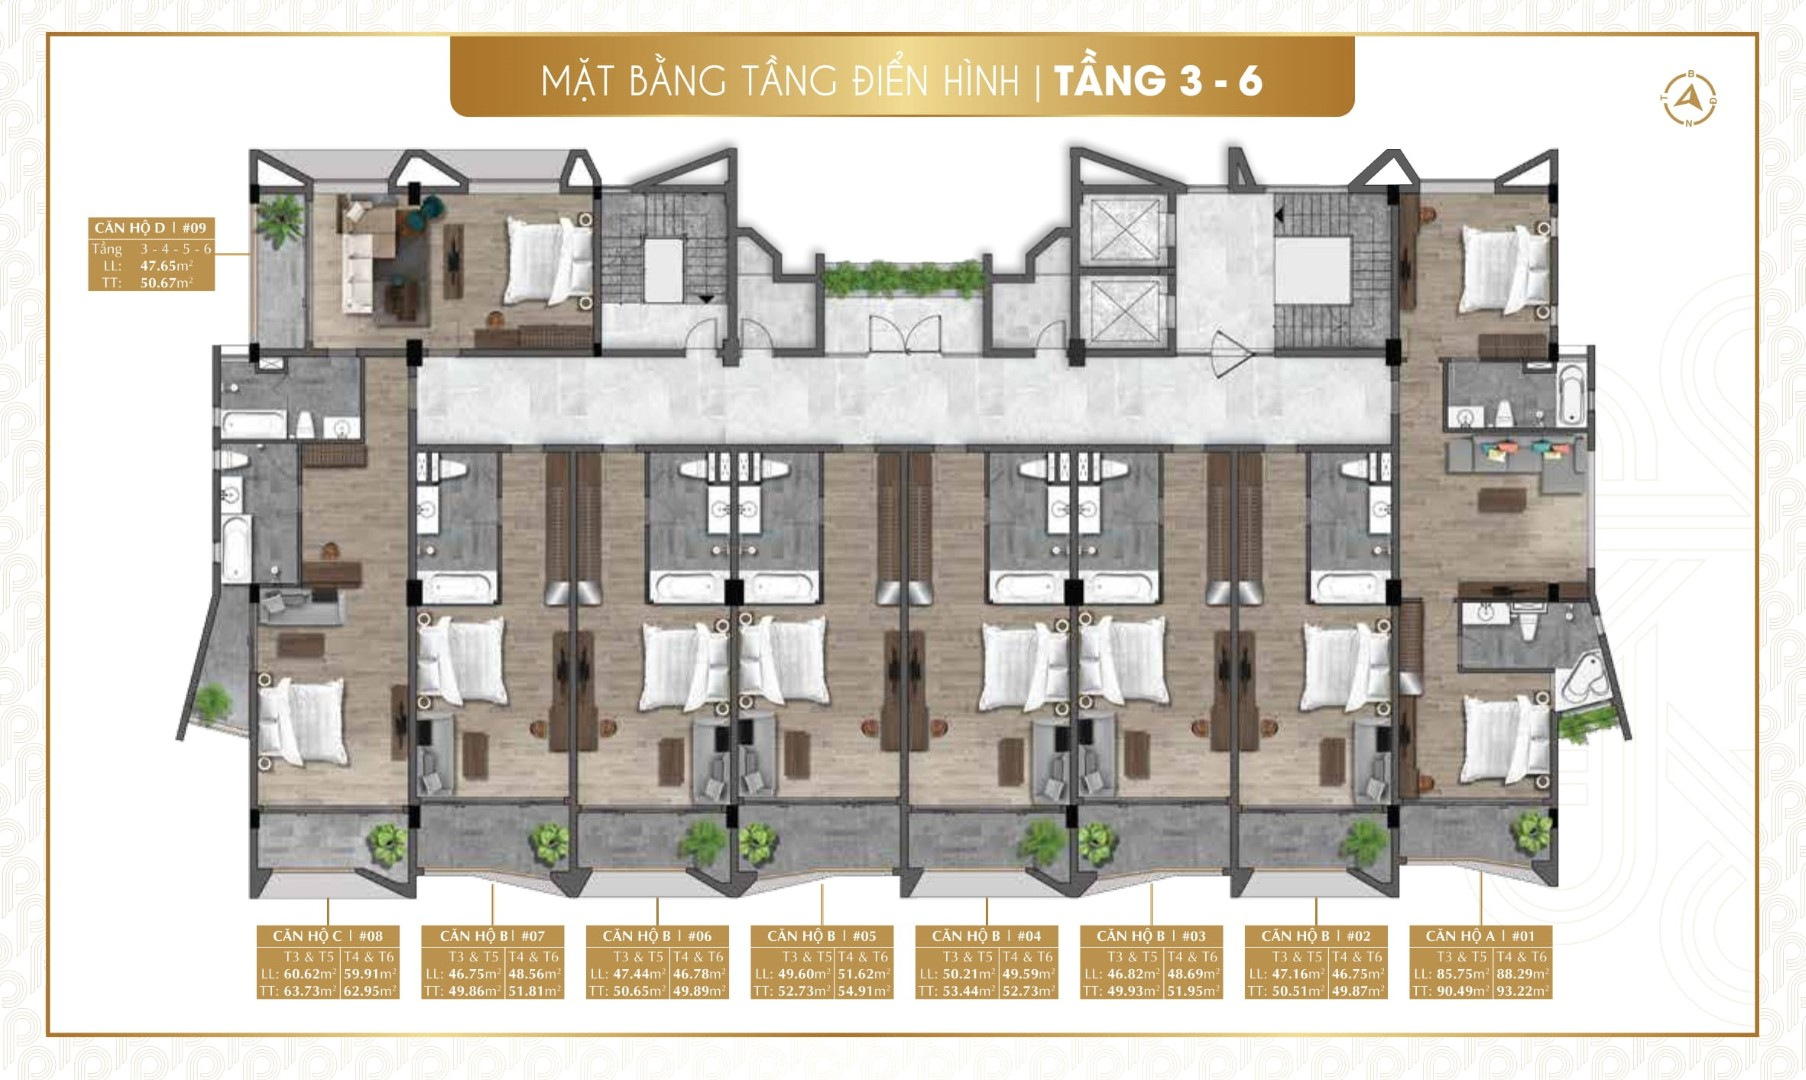 Mặt bằng tầng điển hình (tầng 3 – 6) dự án nghỉ dưỡng Parami Hồ Tràm